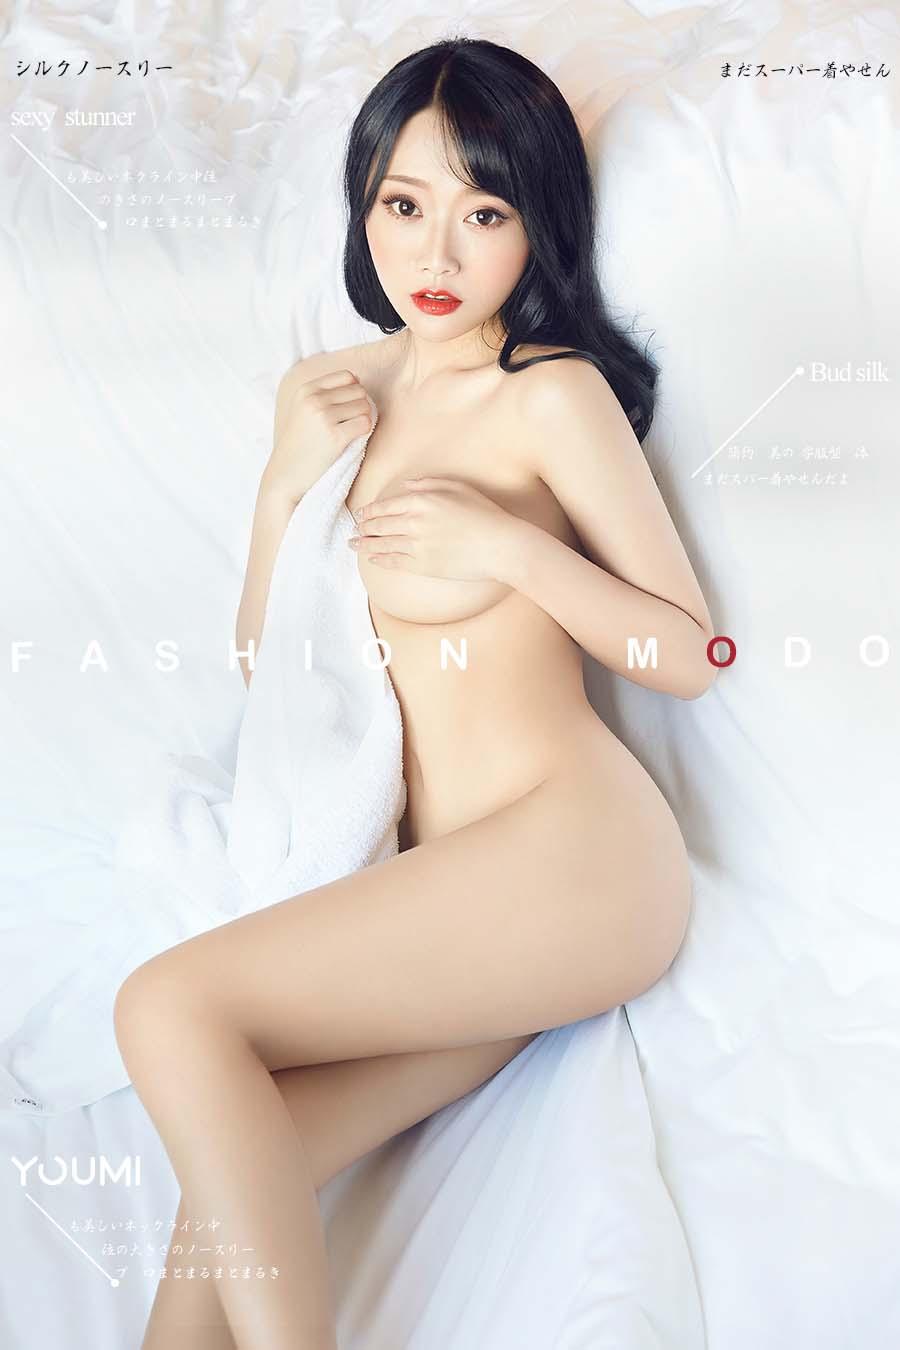 [YouMi尤蜜]2018.10.25 真空诱惑 何嘉颖[/15.9MB]